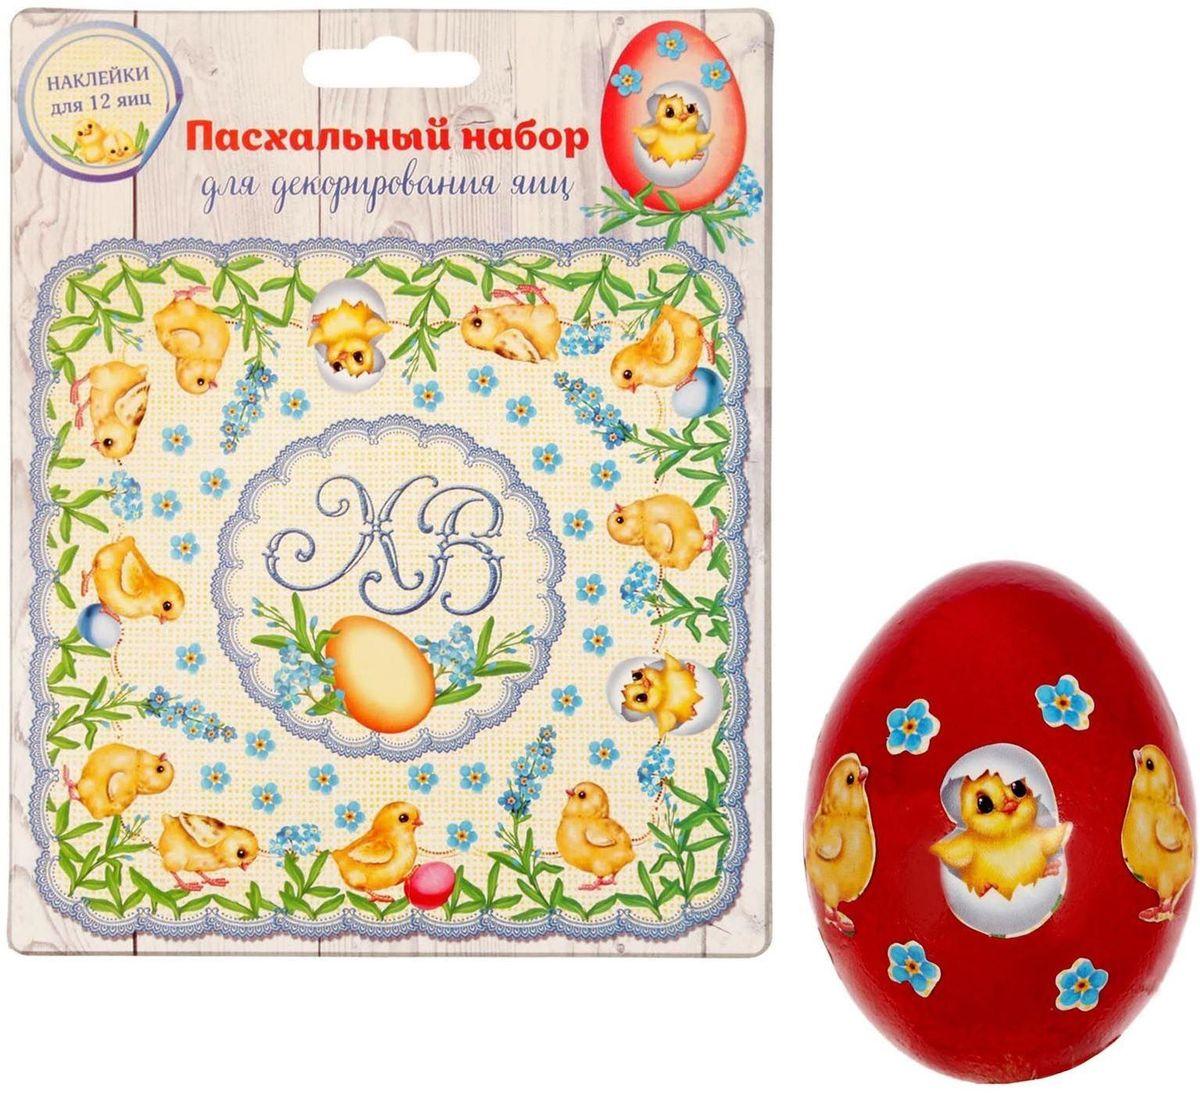 Пасхальный набор для декорирования яиц Цыплята, 12,5 х 16 см. 1635918VT-1520(SR)Пасхальный набор для декорирования яиц - прекрасный выбор для создания атмосферы праздника. У каждого из нас есть любимый праздник, которого он ждет с нетерпением! Это может быть Новый Год или День Рождения, 8 Марта или 23 Февраля, когда вы просыпаетесь с утра с улыбкой и готовы делиться хорошим настроением со всеми.